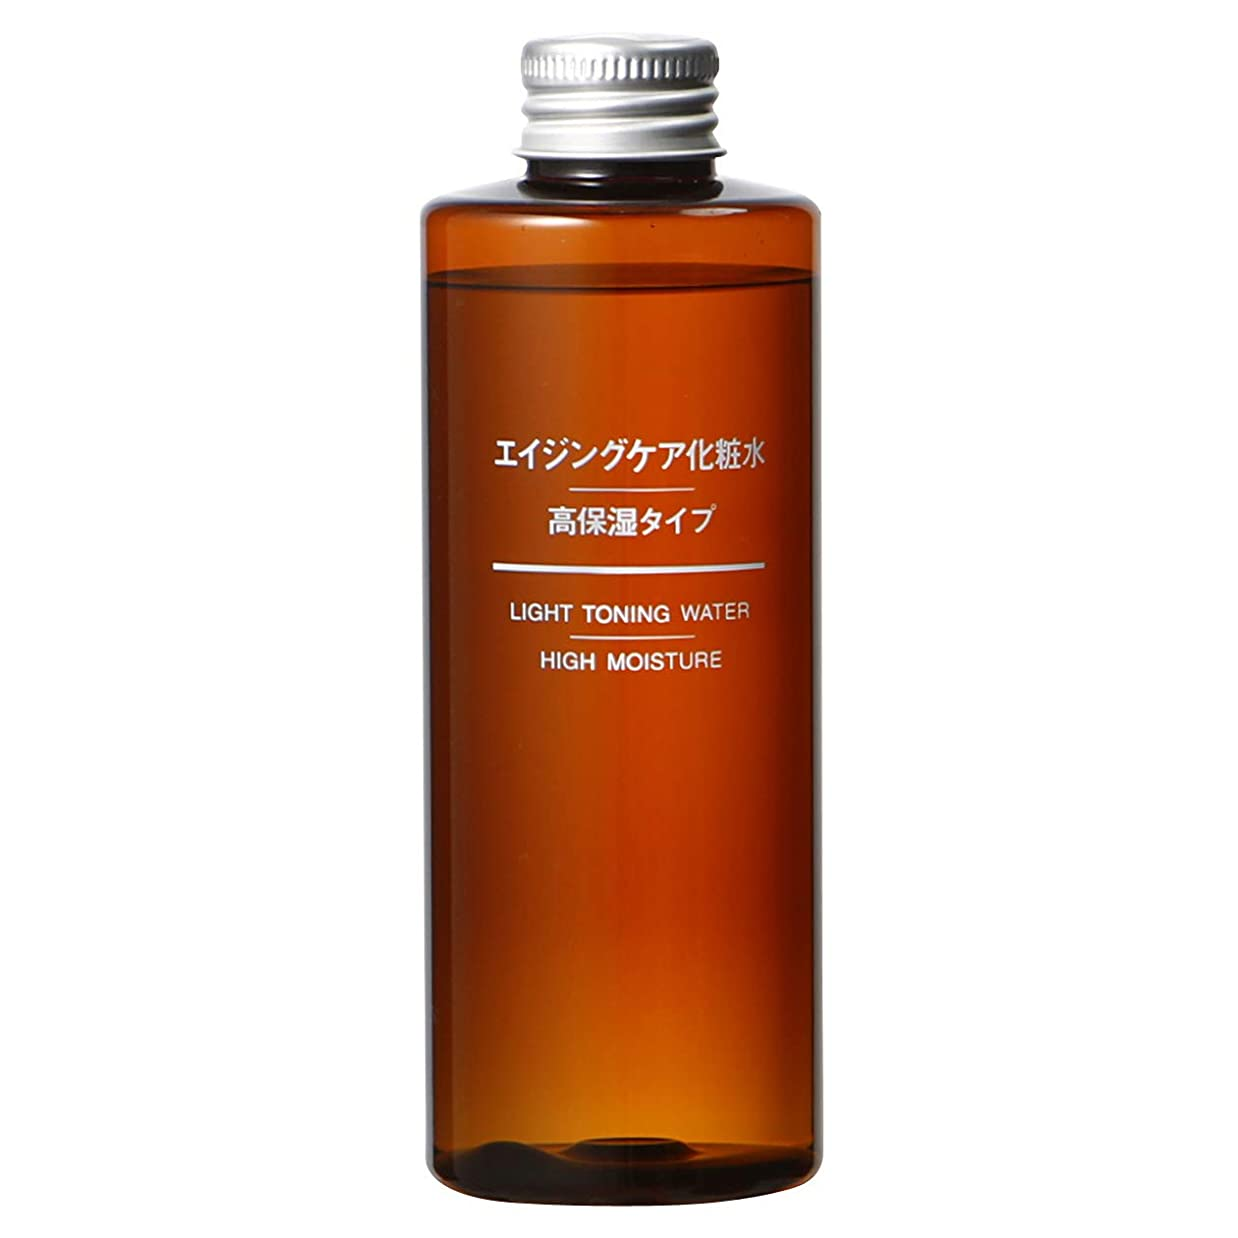 圧縮する修正飛び込む無印良品 エイジングケア化粧水?高保湿タイプ 200ml